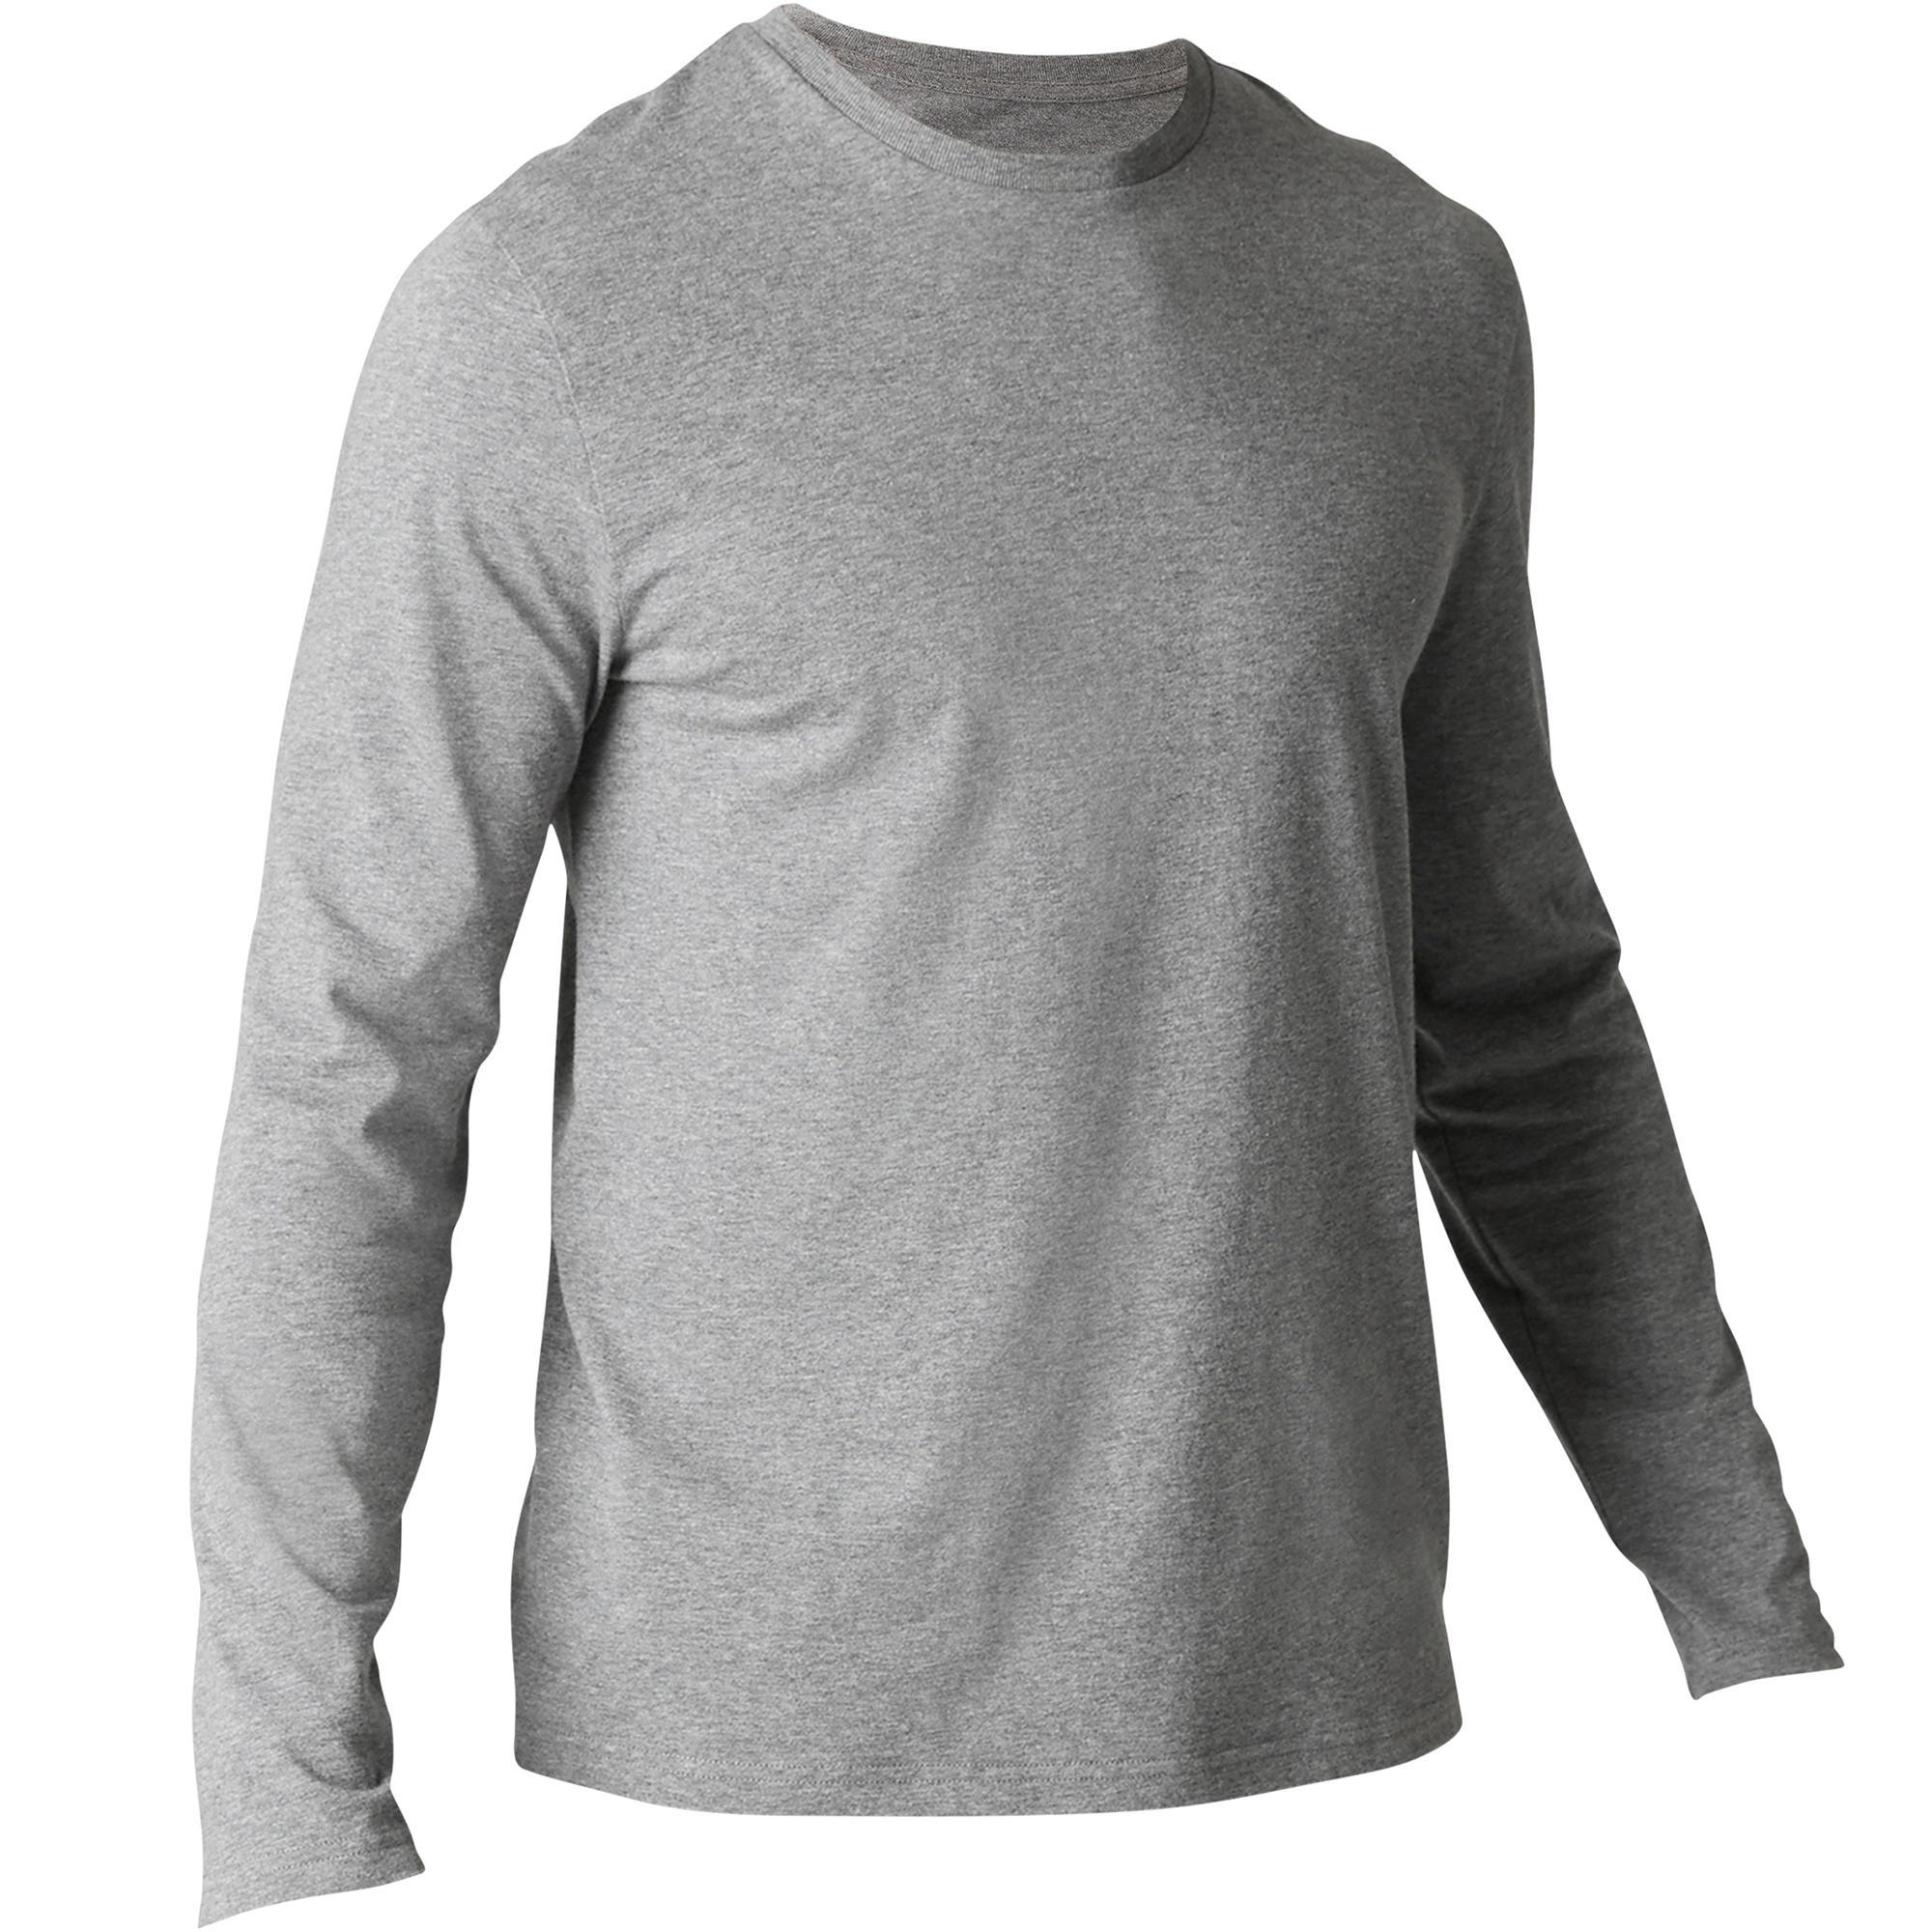 Domyos T-shirt 120 lange mouwen regular fit pilates en lichte gym heren gemêleerd grijs